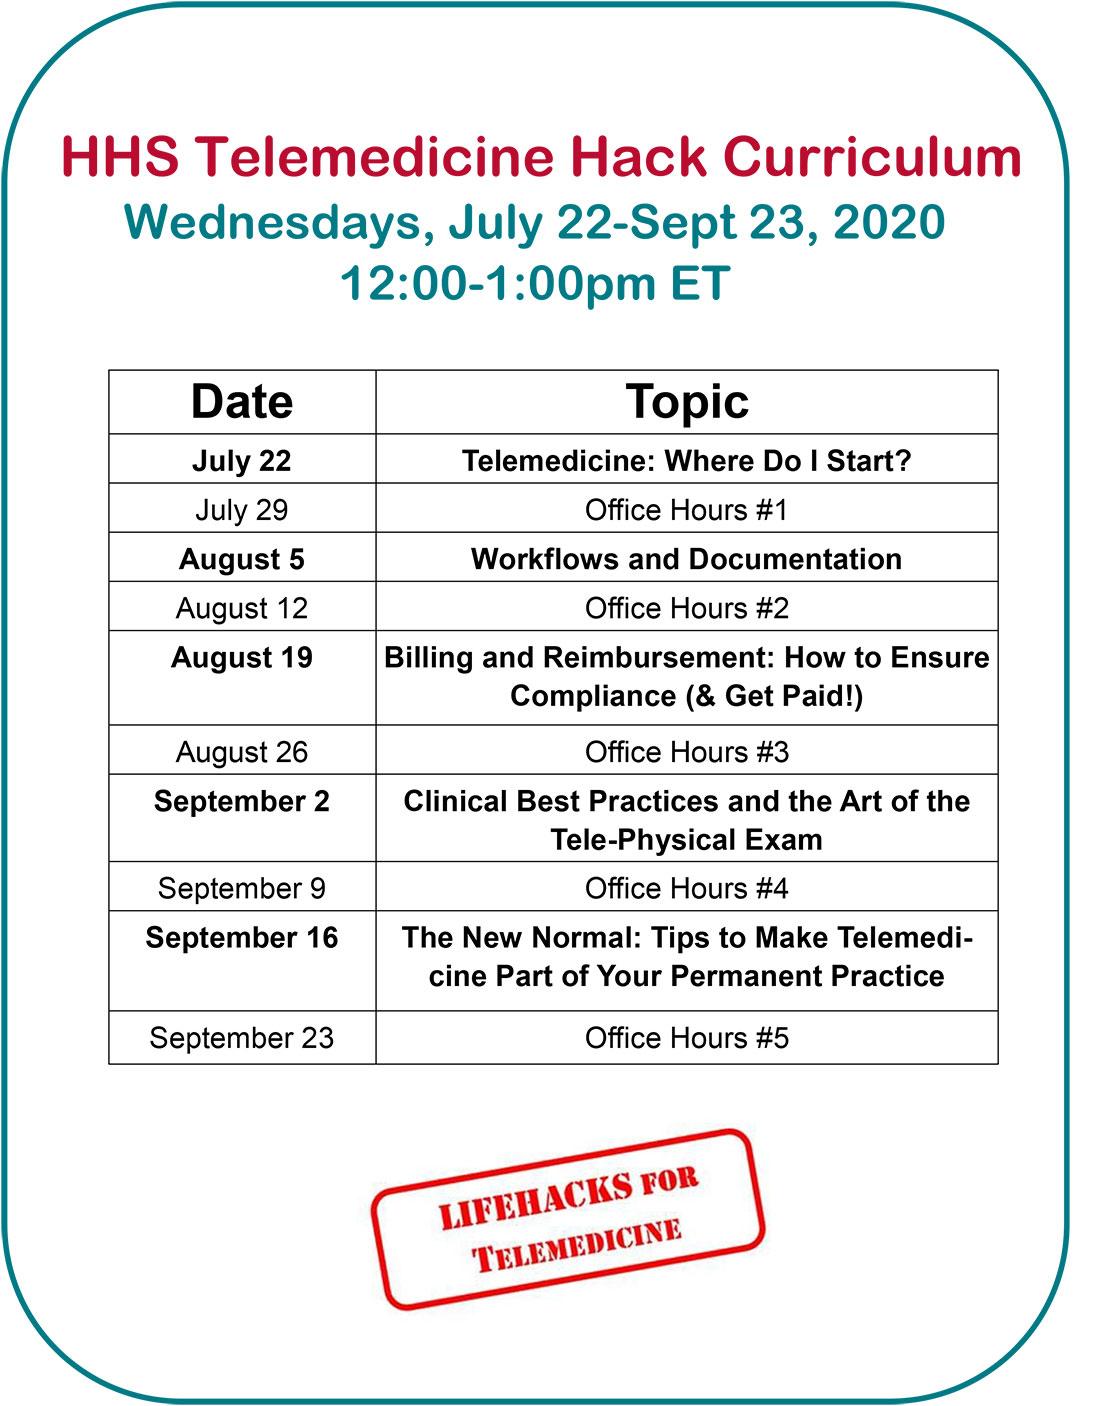 HHS-Telemedicine-Hack-Flyer_FINAL-2